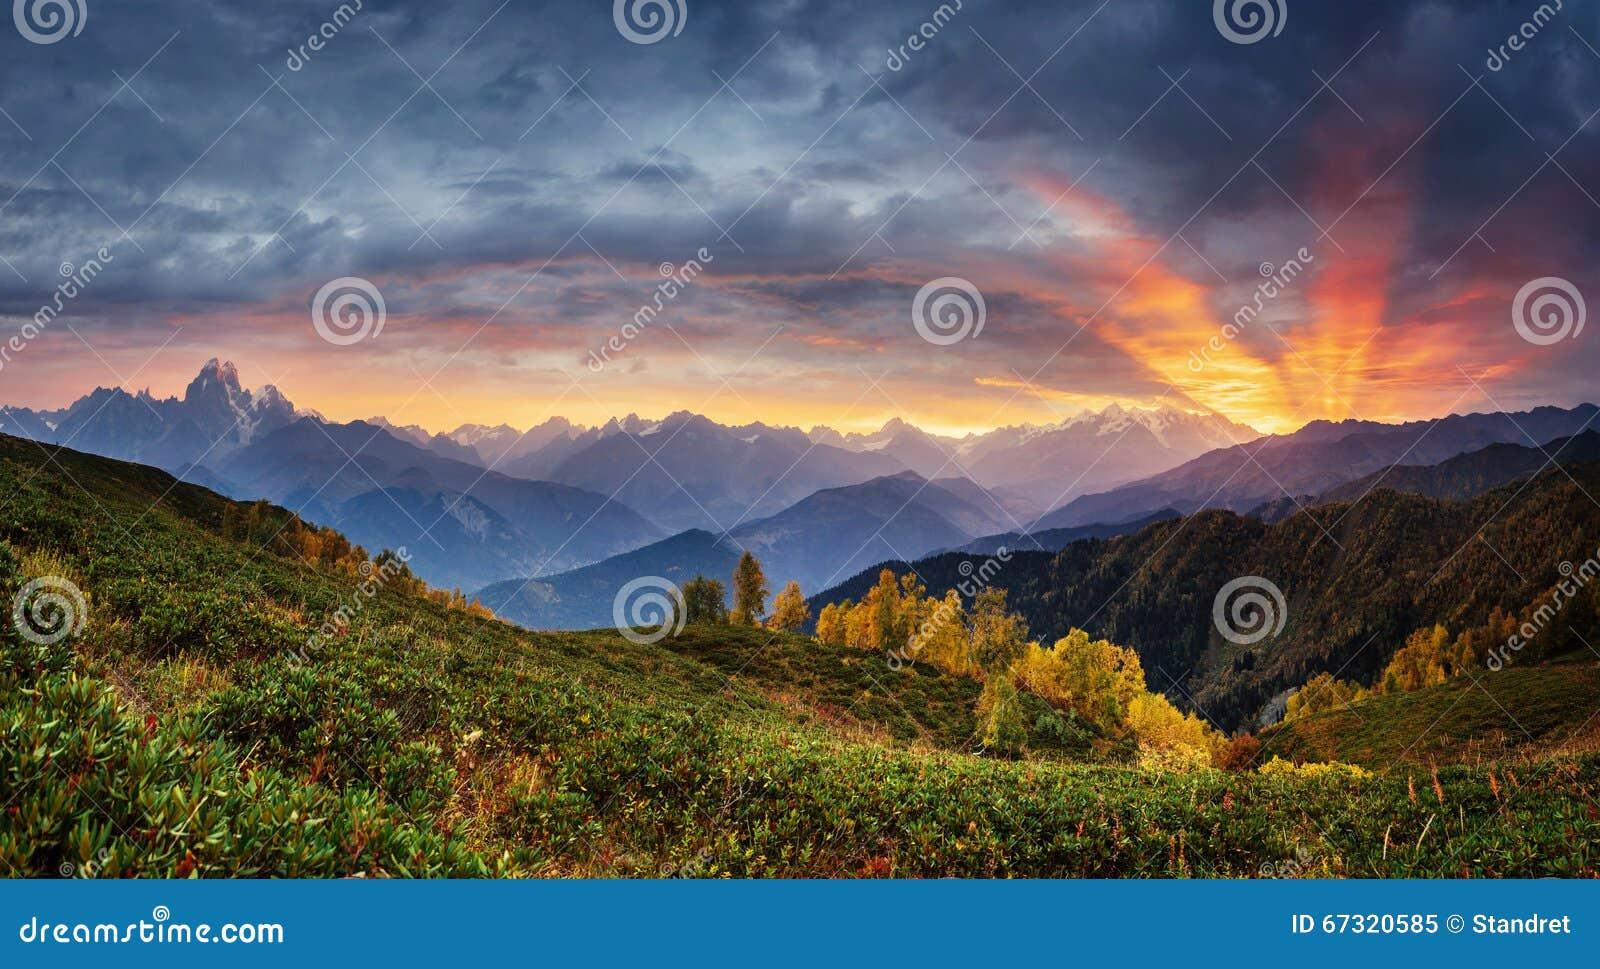 Ηλιοβασίλεμα πέρα από τις χιονοσκεπείς αιχμές βουνών